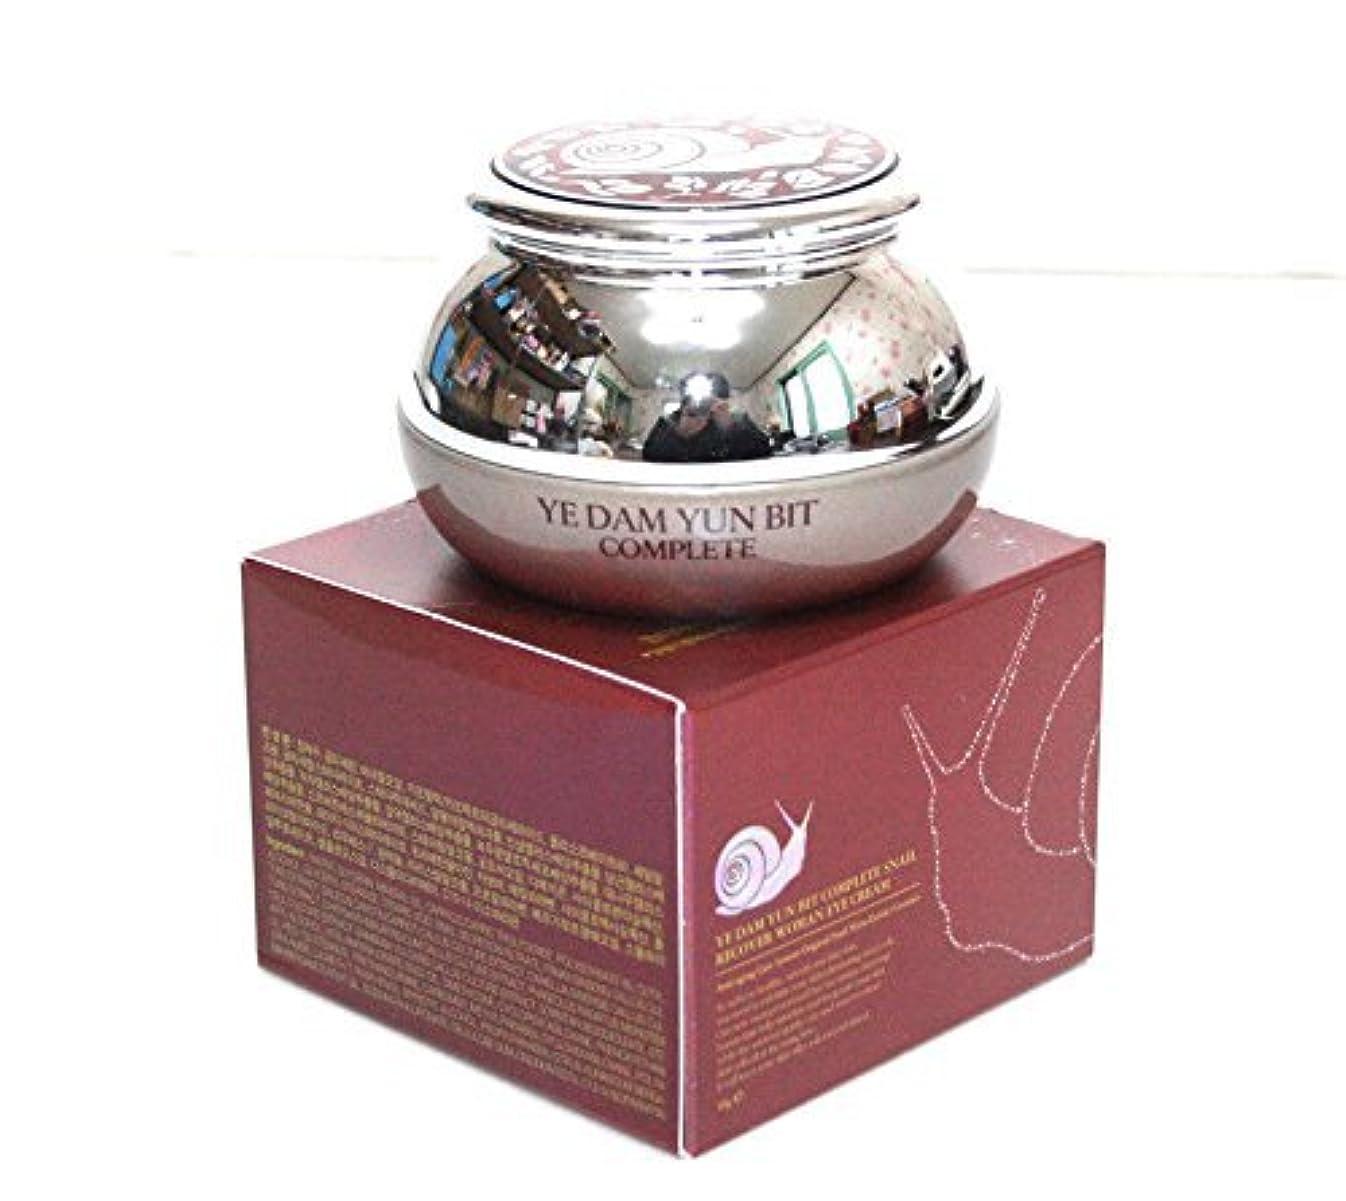 頬骨小屋オペレーター[YEDAM YUN BIT] スキンが完成カタツムリ回復女性のアイクリーム50ml/韓国の化粧品/COMPLETE Skin Snail Recover Woman Eye Cream 50ml/Korean cosmetics...